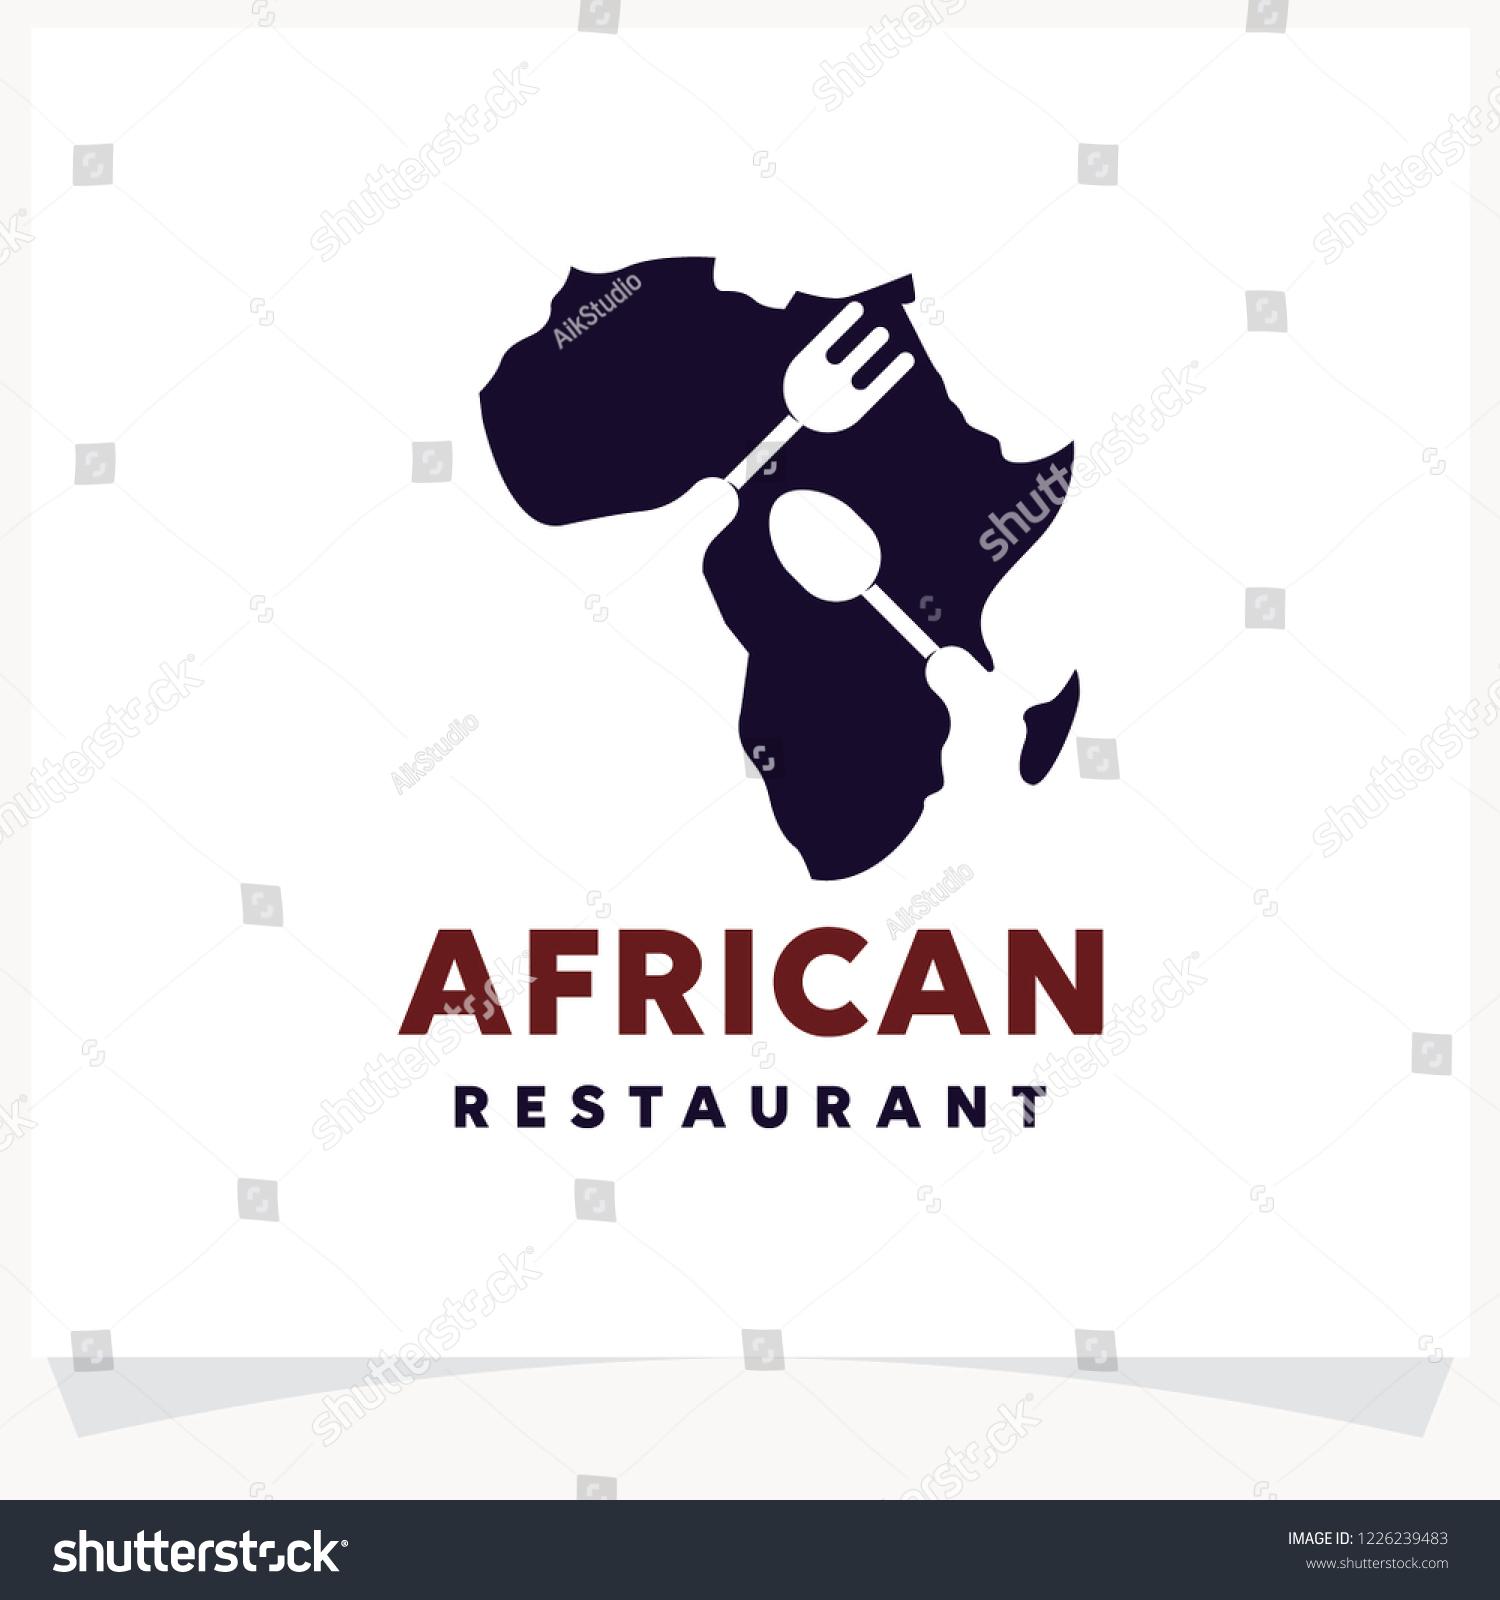 Vector De Stock Libre De Regalias Sobre African Restaurant Logo Design Template1226239483